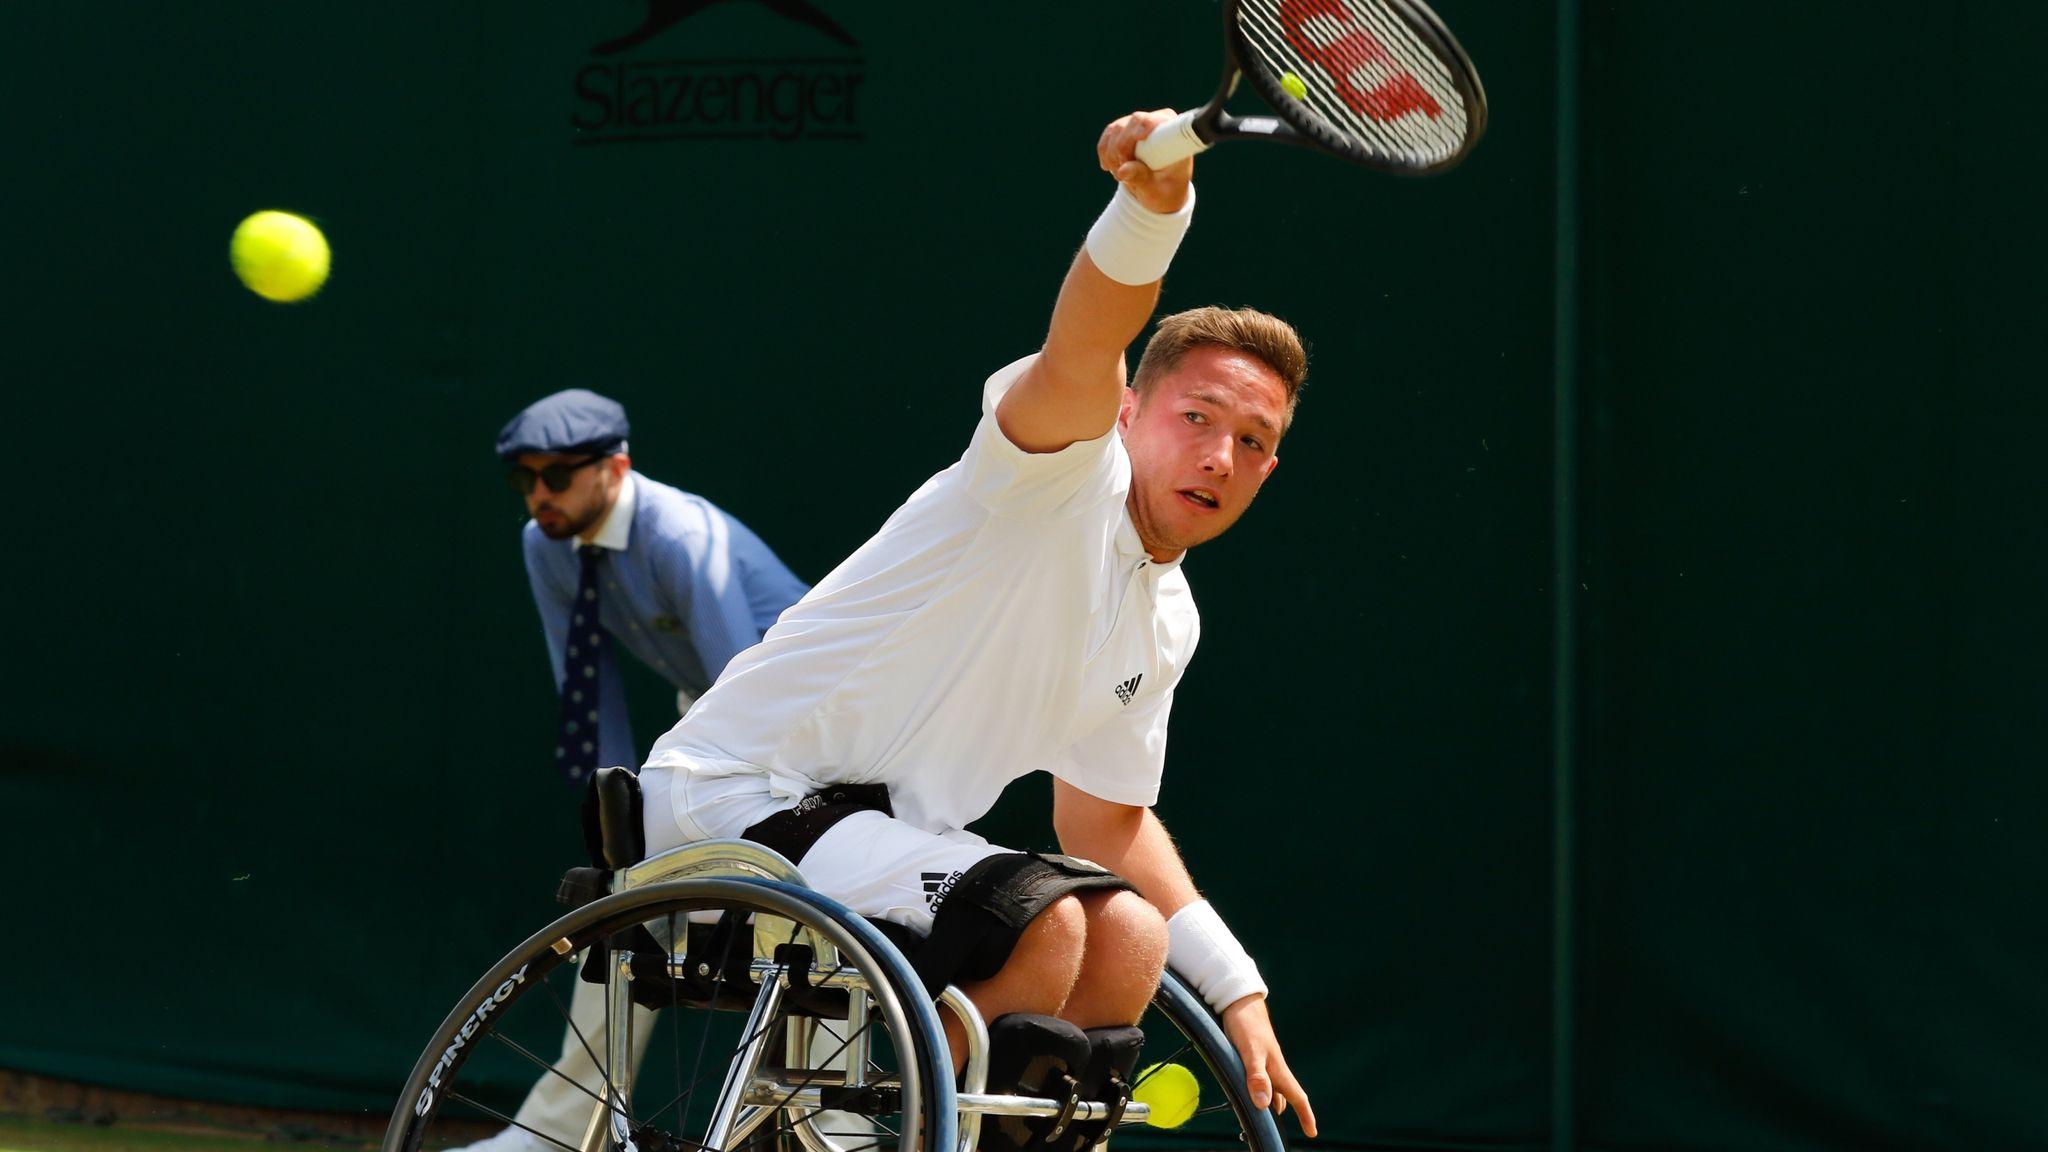 Alfie Hewett into Wimbledon semi-final after 7-6 6-4 win over Stephane Houdet